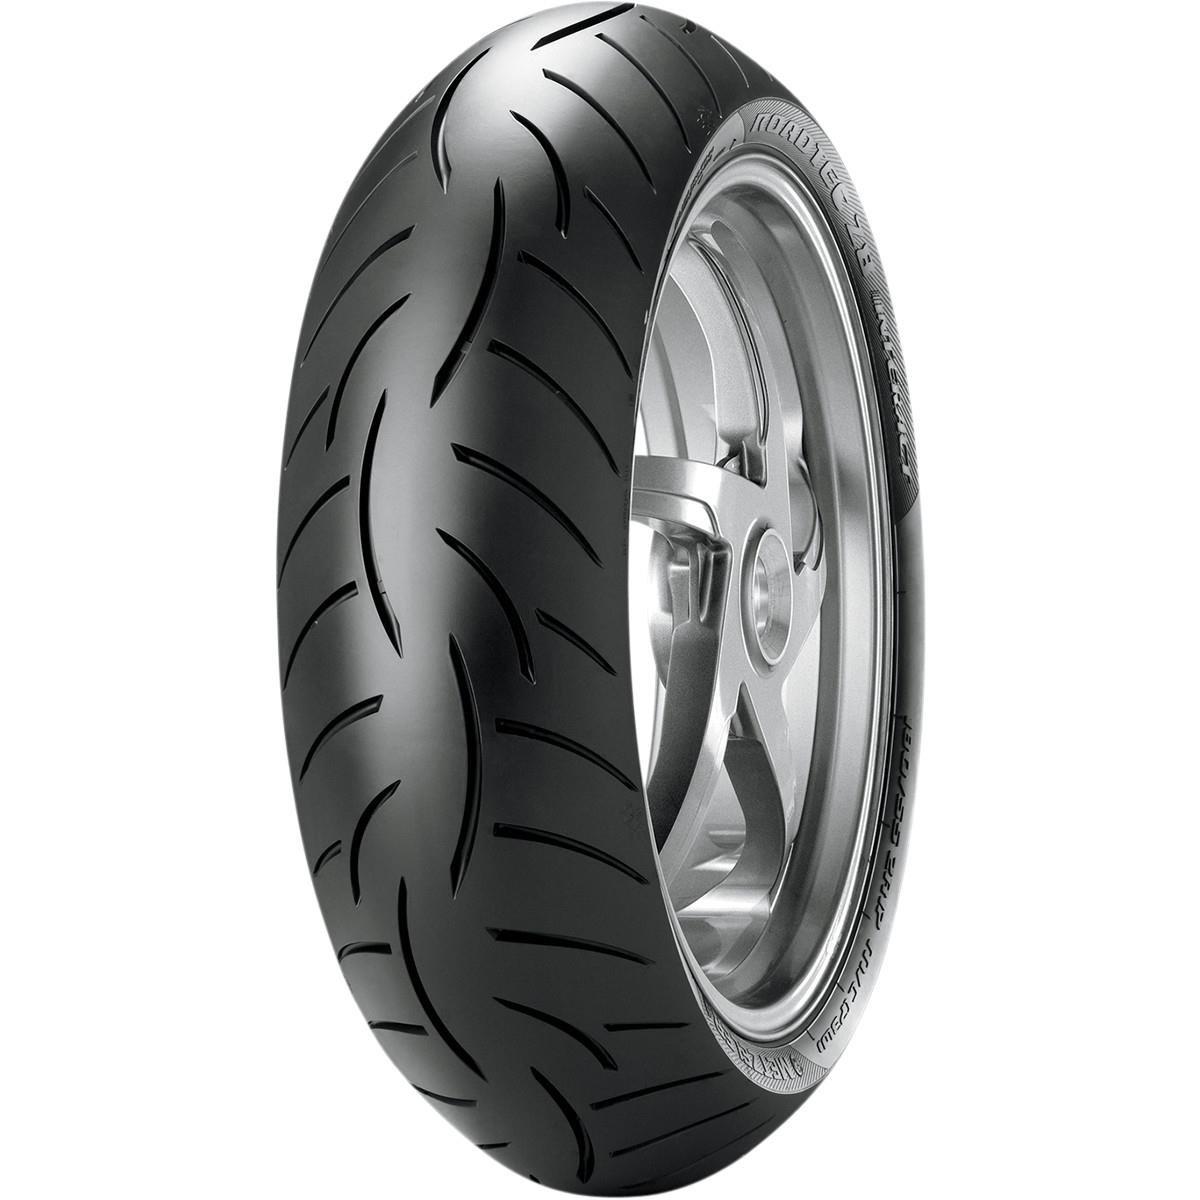 Metzeler Roadtec Z8 Interact 190/55ZR17 TL (75W) Rear Tire - 190/55ZR17